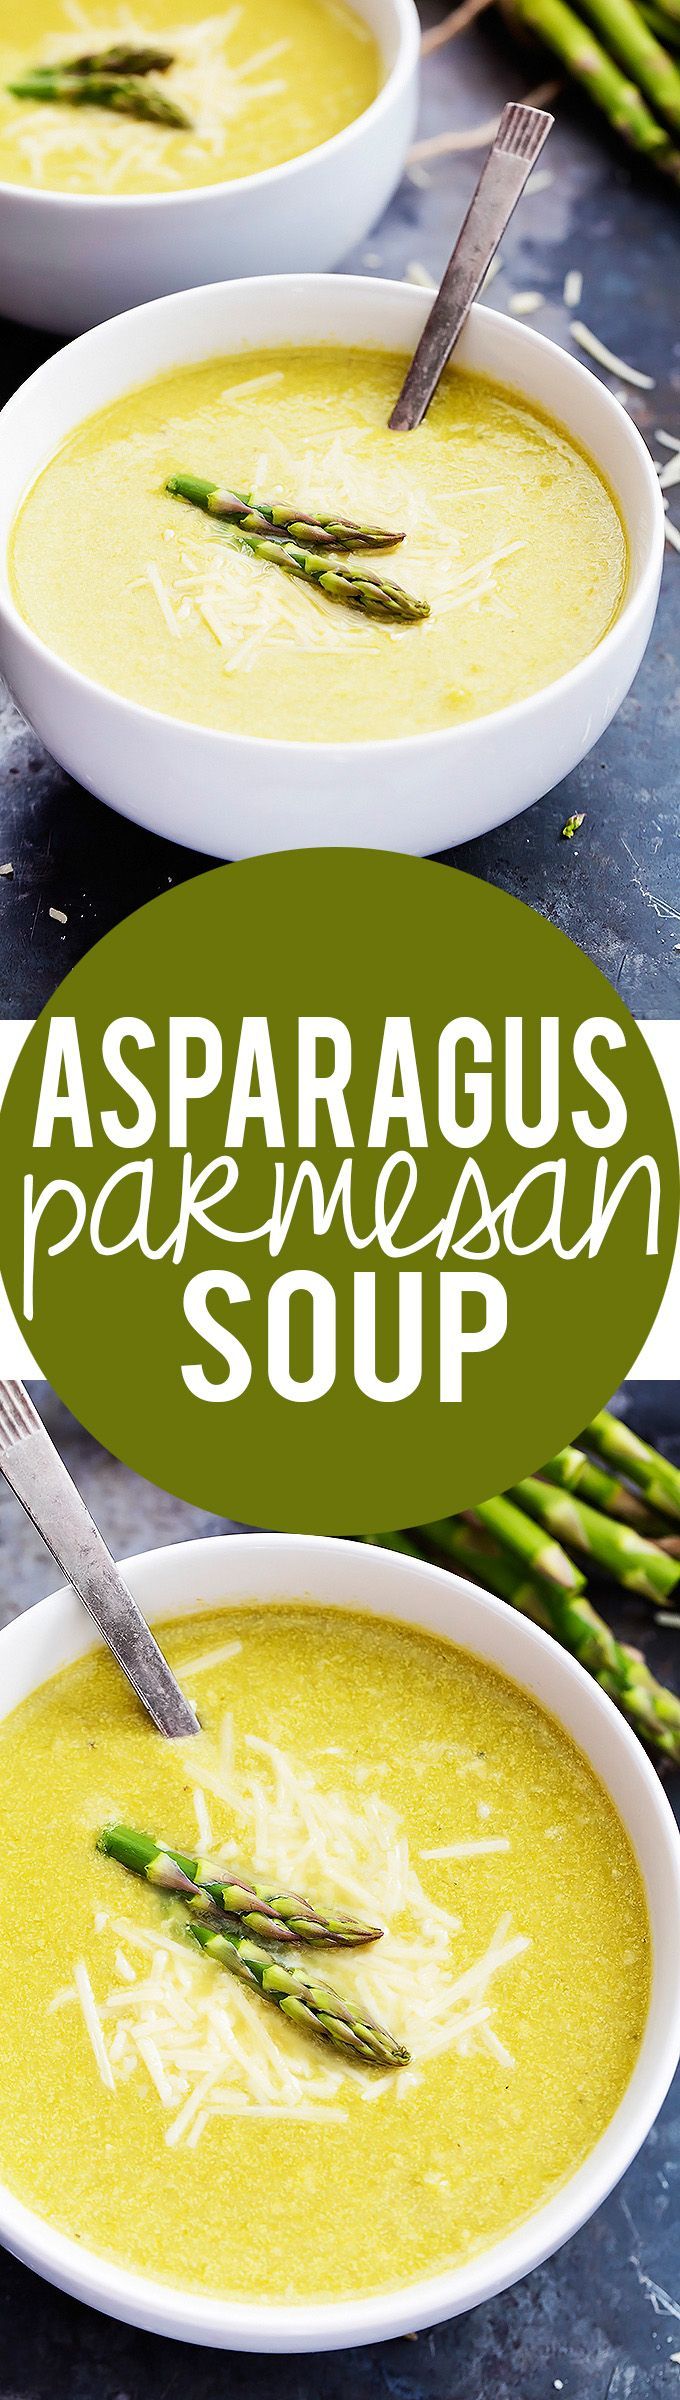 Asparagus Parmesan Soup  | Creme de la Crumb                                                                                                                                                      More